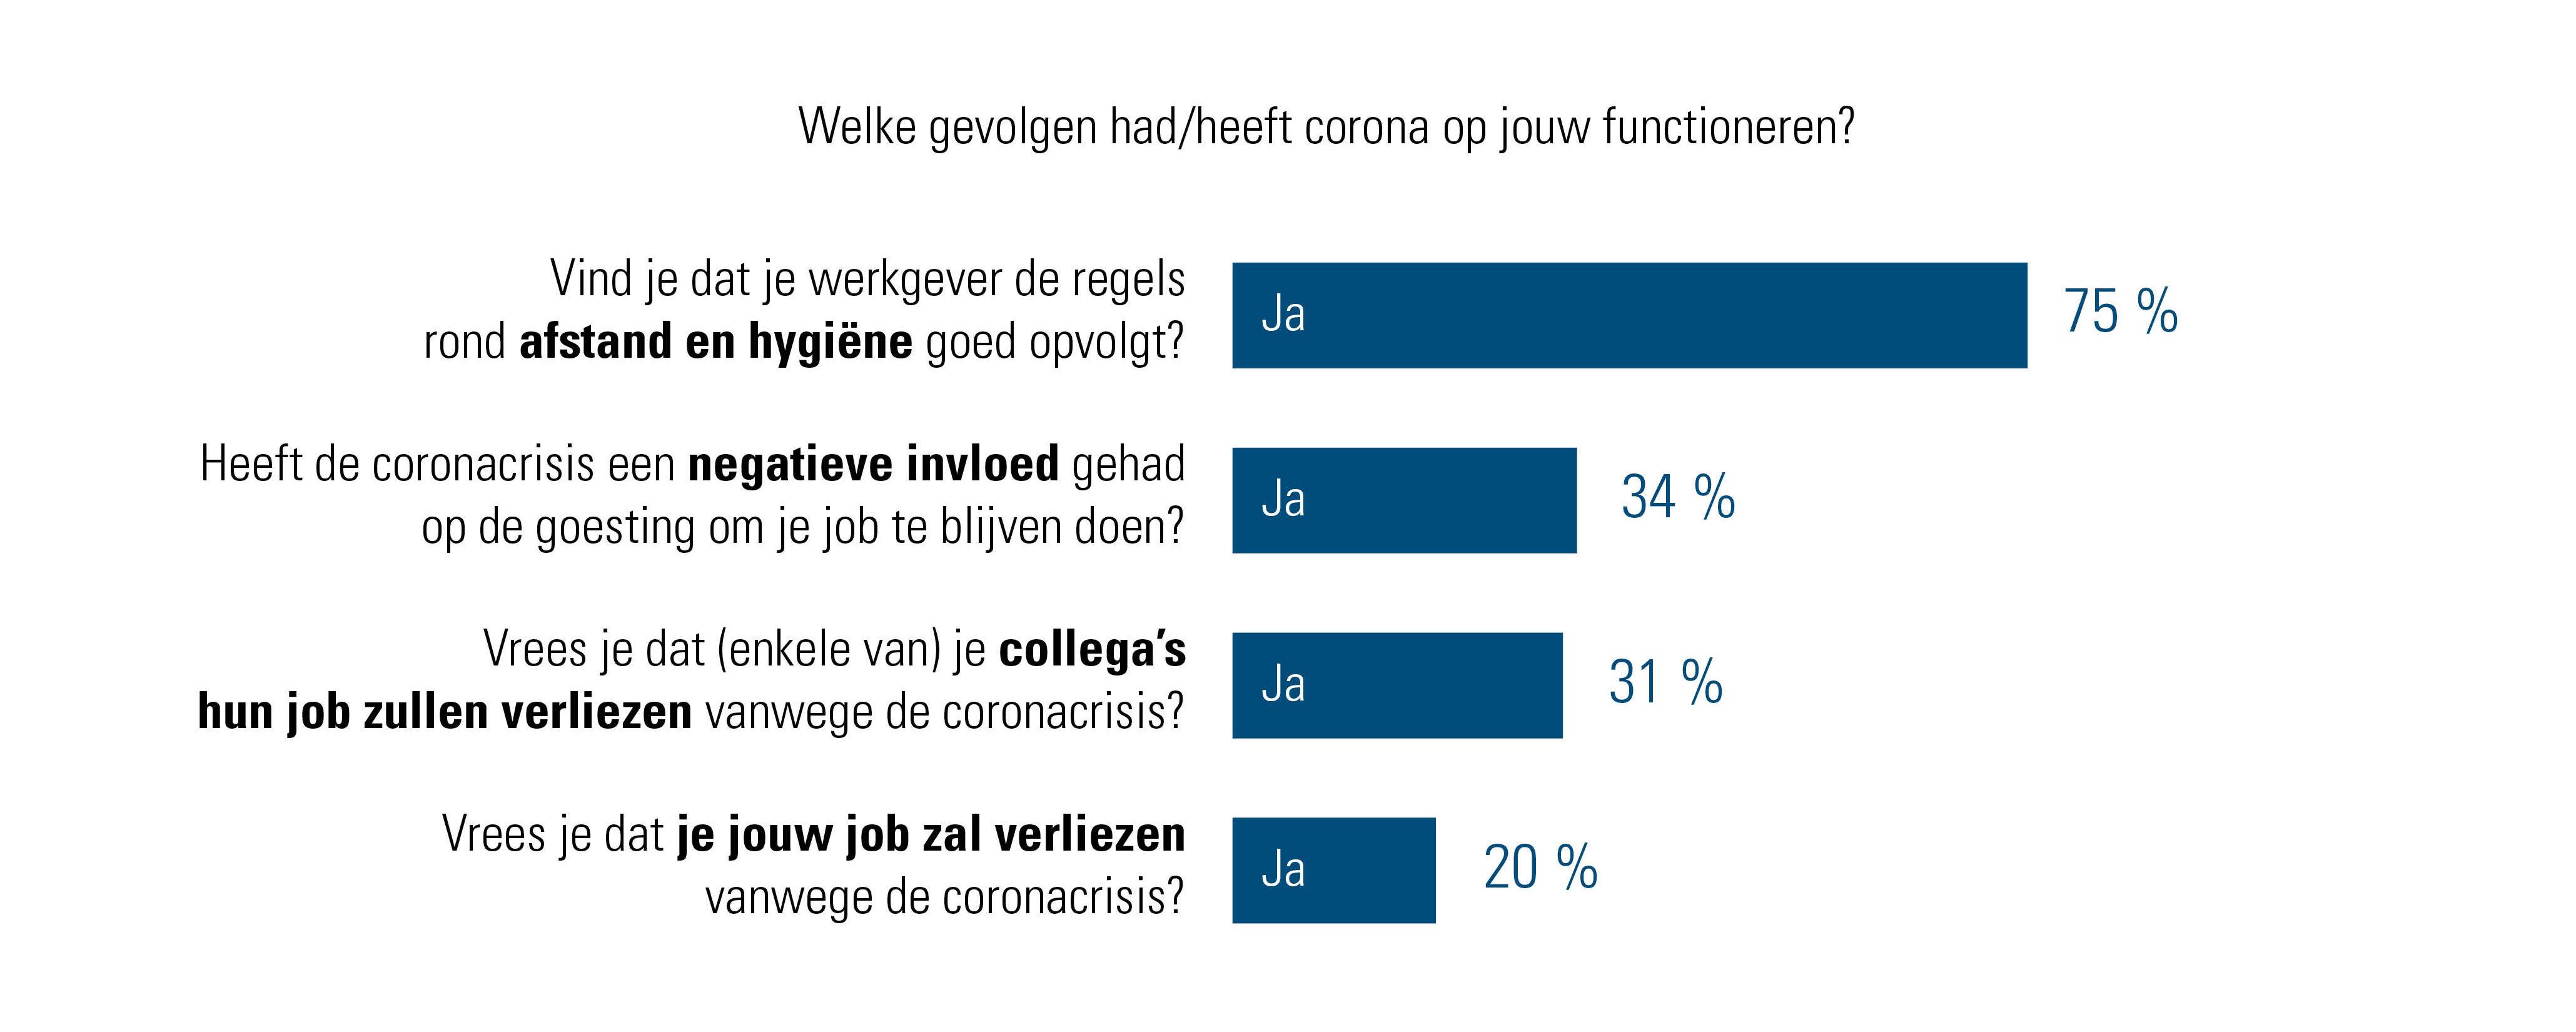 Wat zeggen werknemers over de gevolgen van corona op hun functioneren?